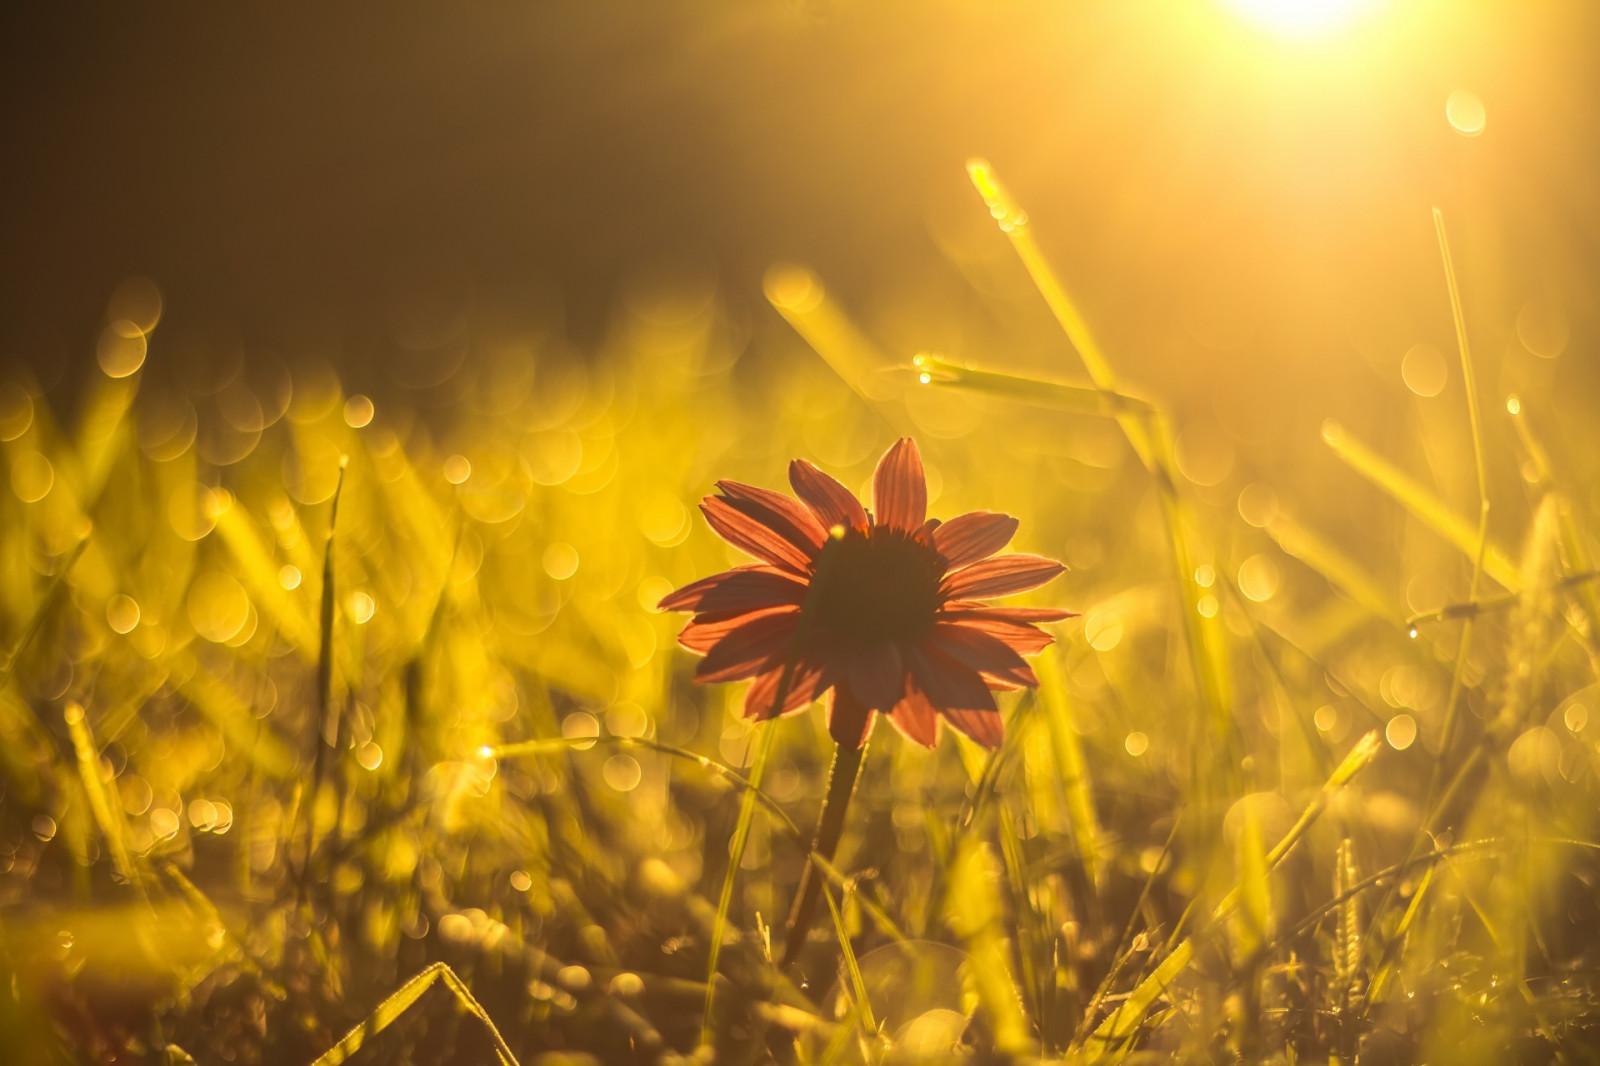 красивые картинки солнечного света память жертвах